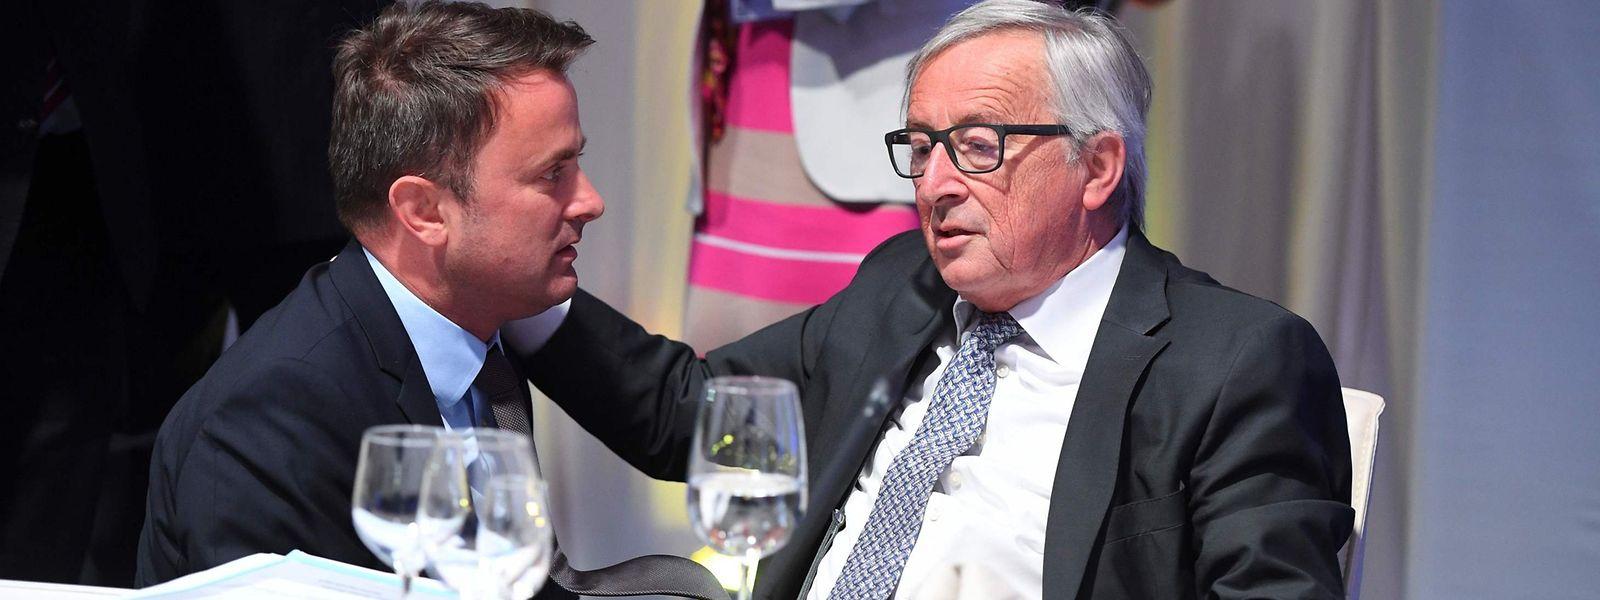 O primeiro-ministro do Luxemburgo, Xavier Bettel, e o Presidente da Comissão Europeia, o luxemburguês Jean-Claude Juncker, em Sofia, Bulgária.